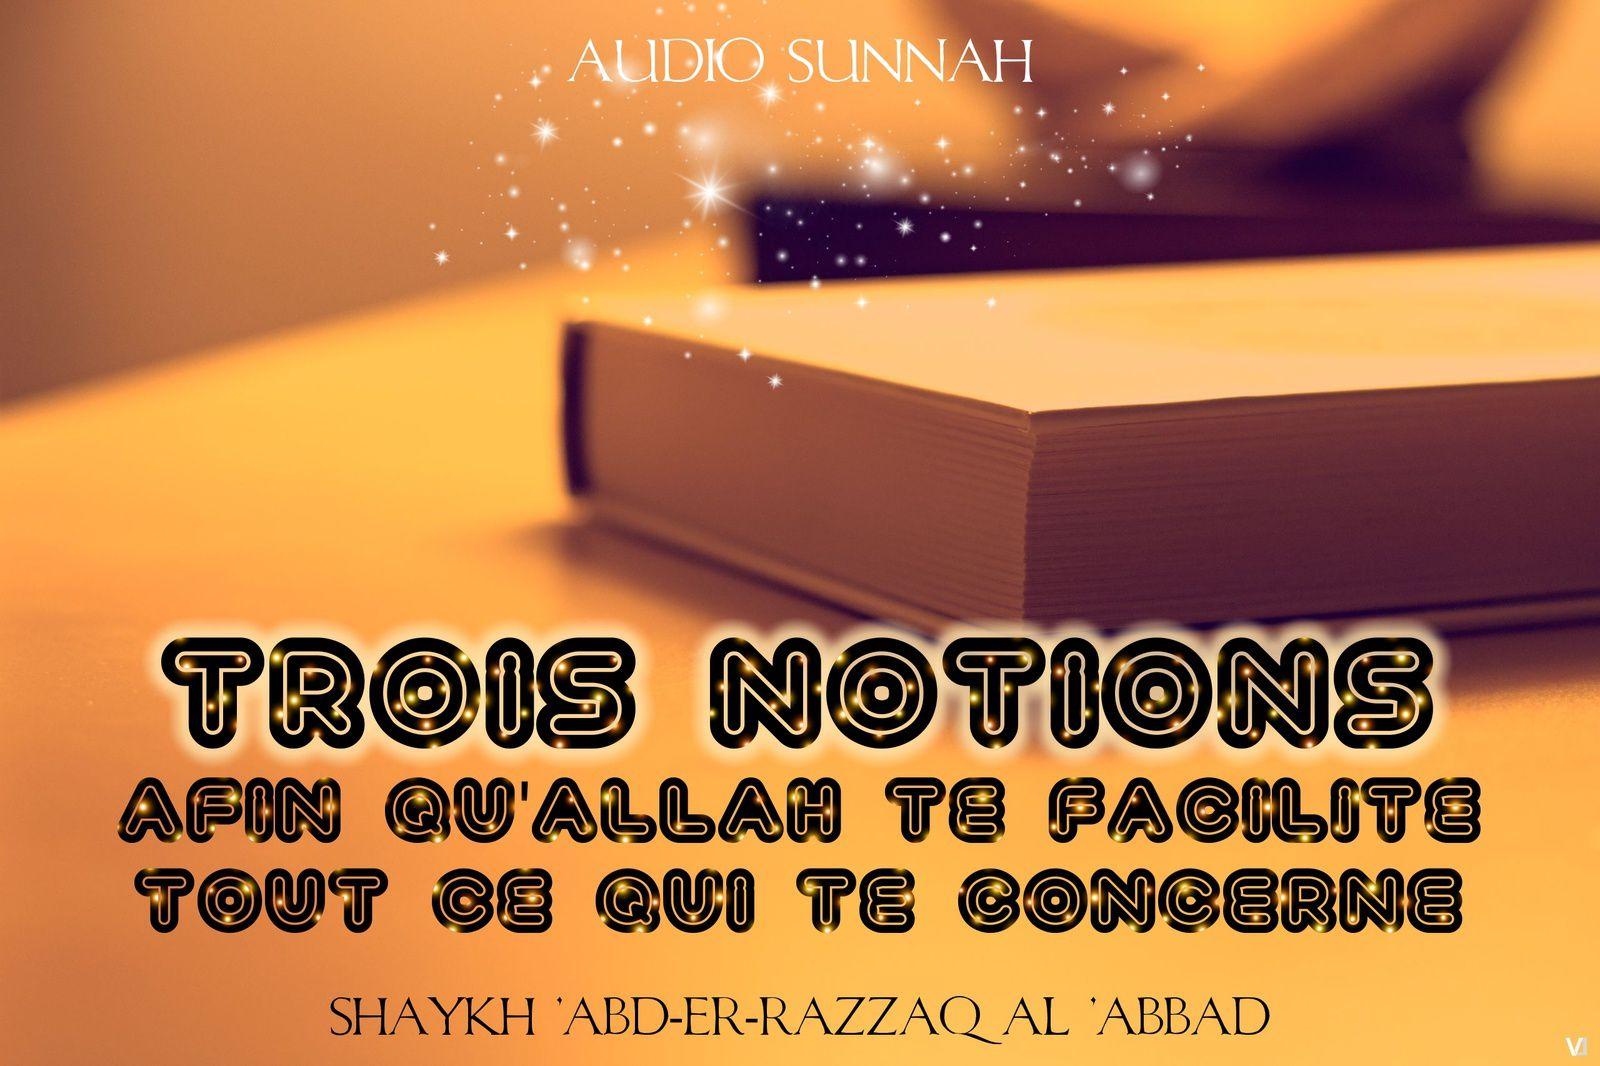 3 notions pour qu'Allah te facilite dans tout ce qui te concerne